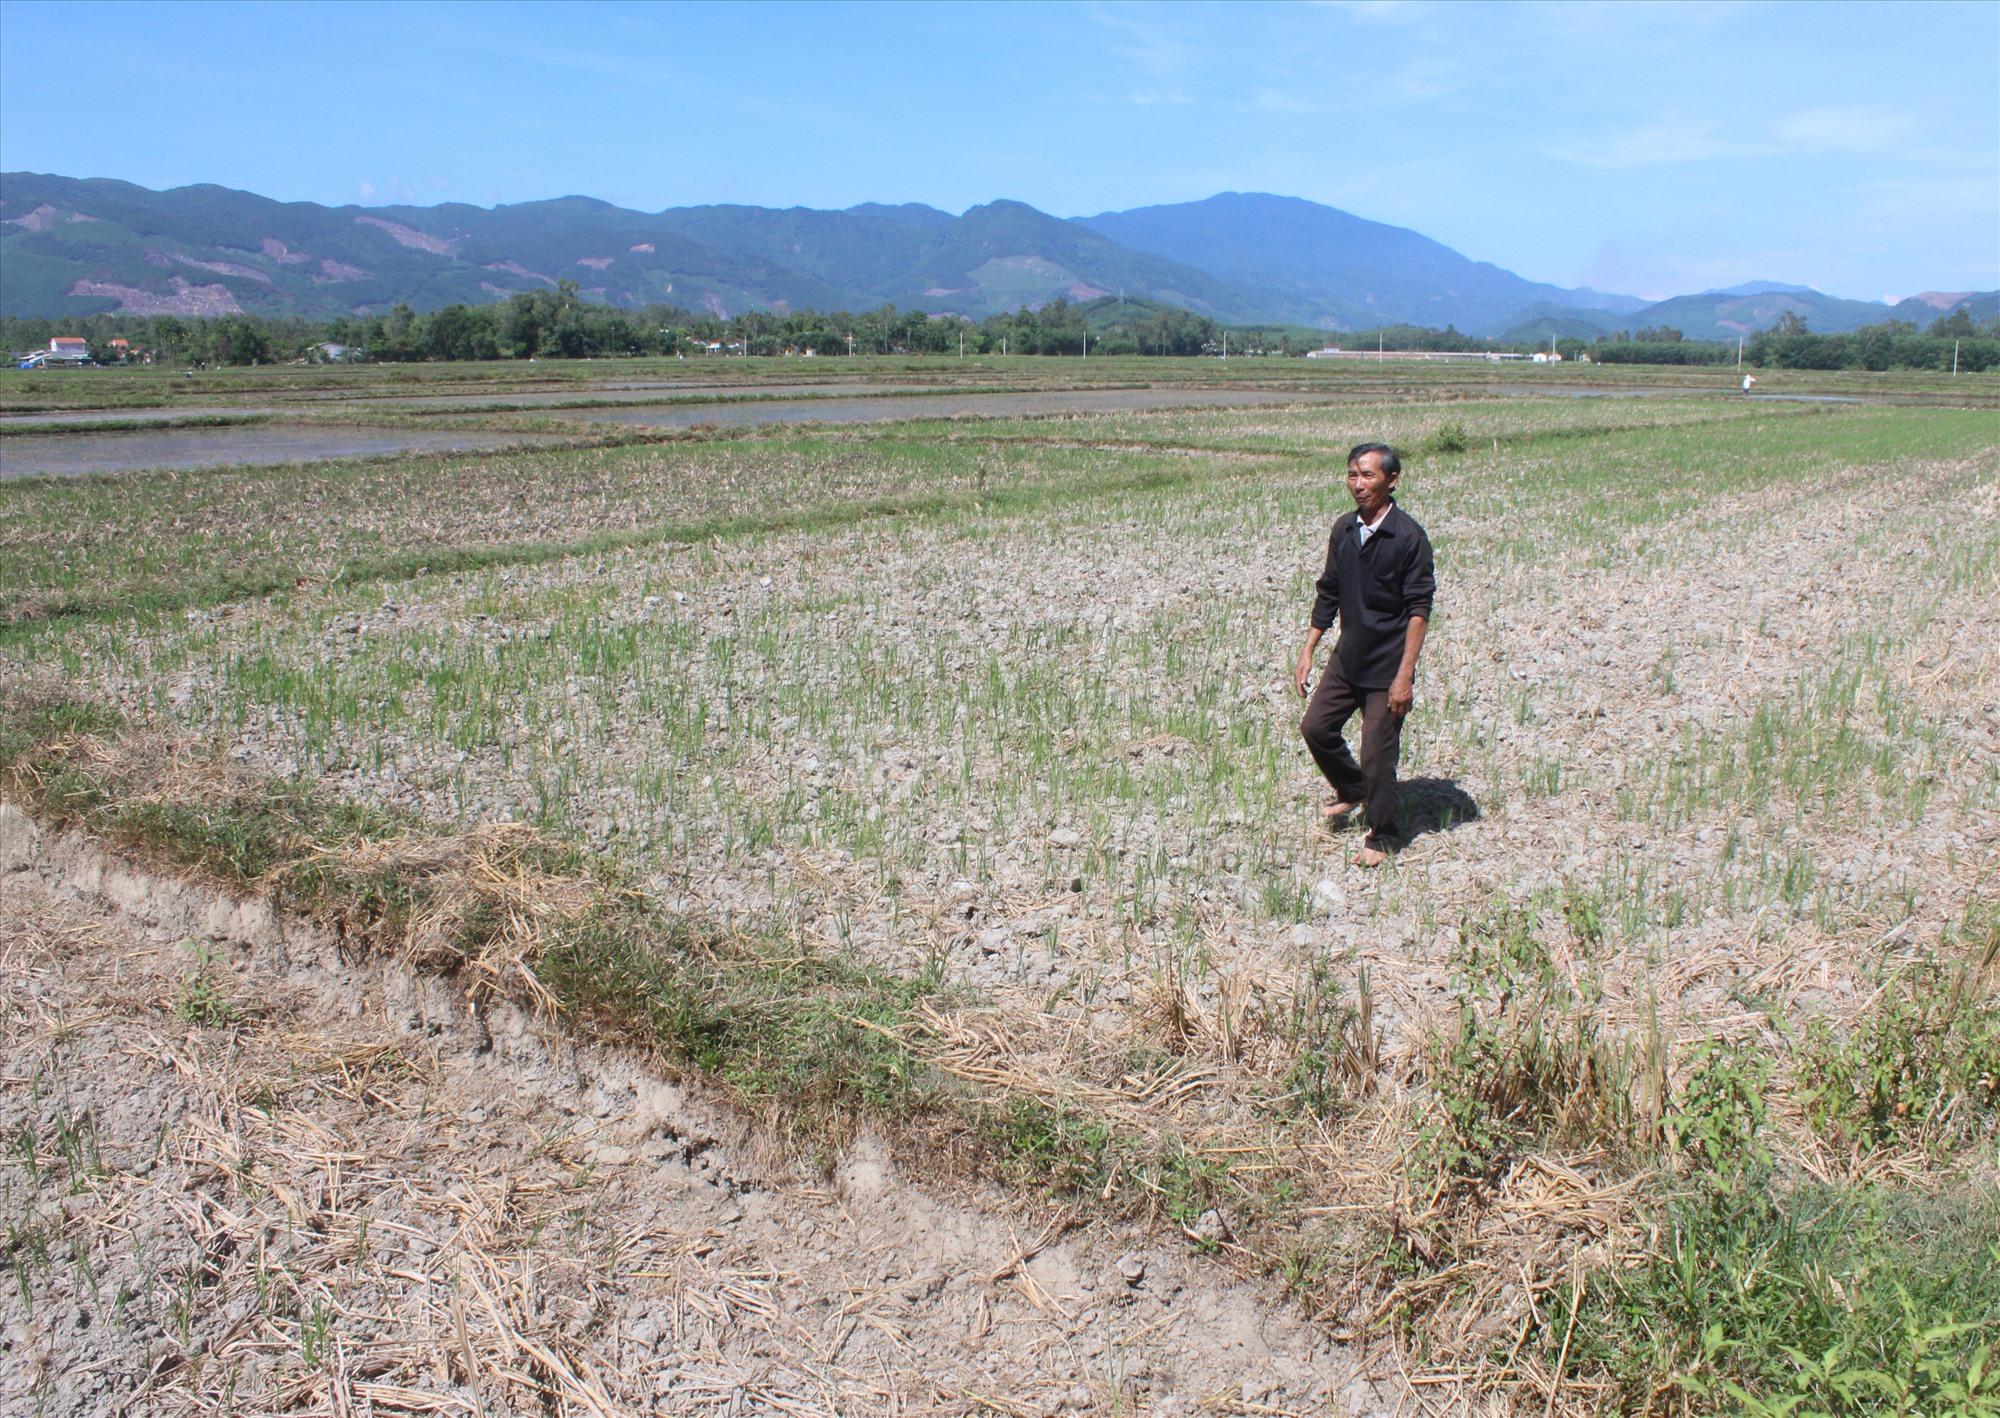 Ruộng khô hạn ở Núi Thành. Ảnh: VĂN PHIN